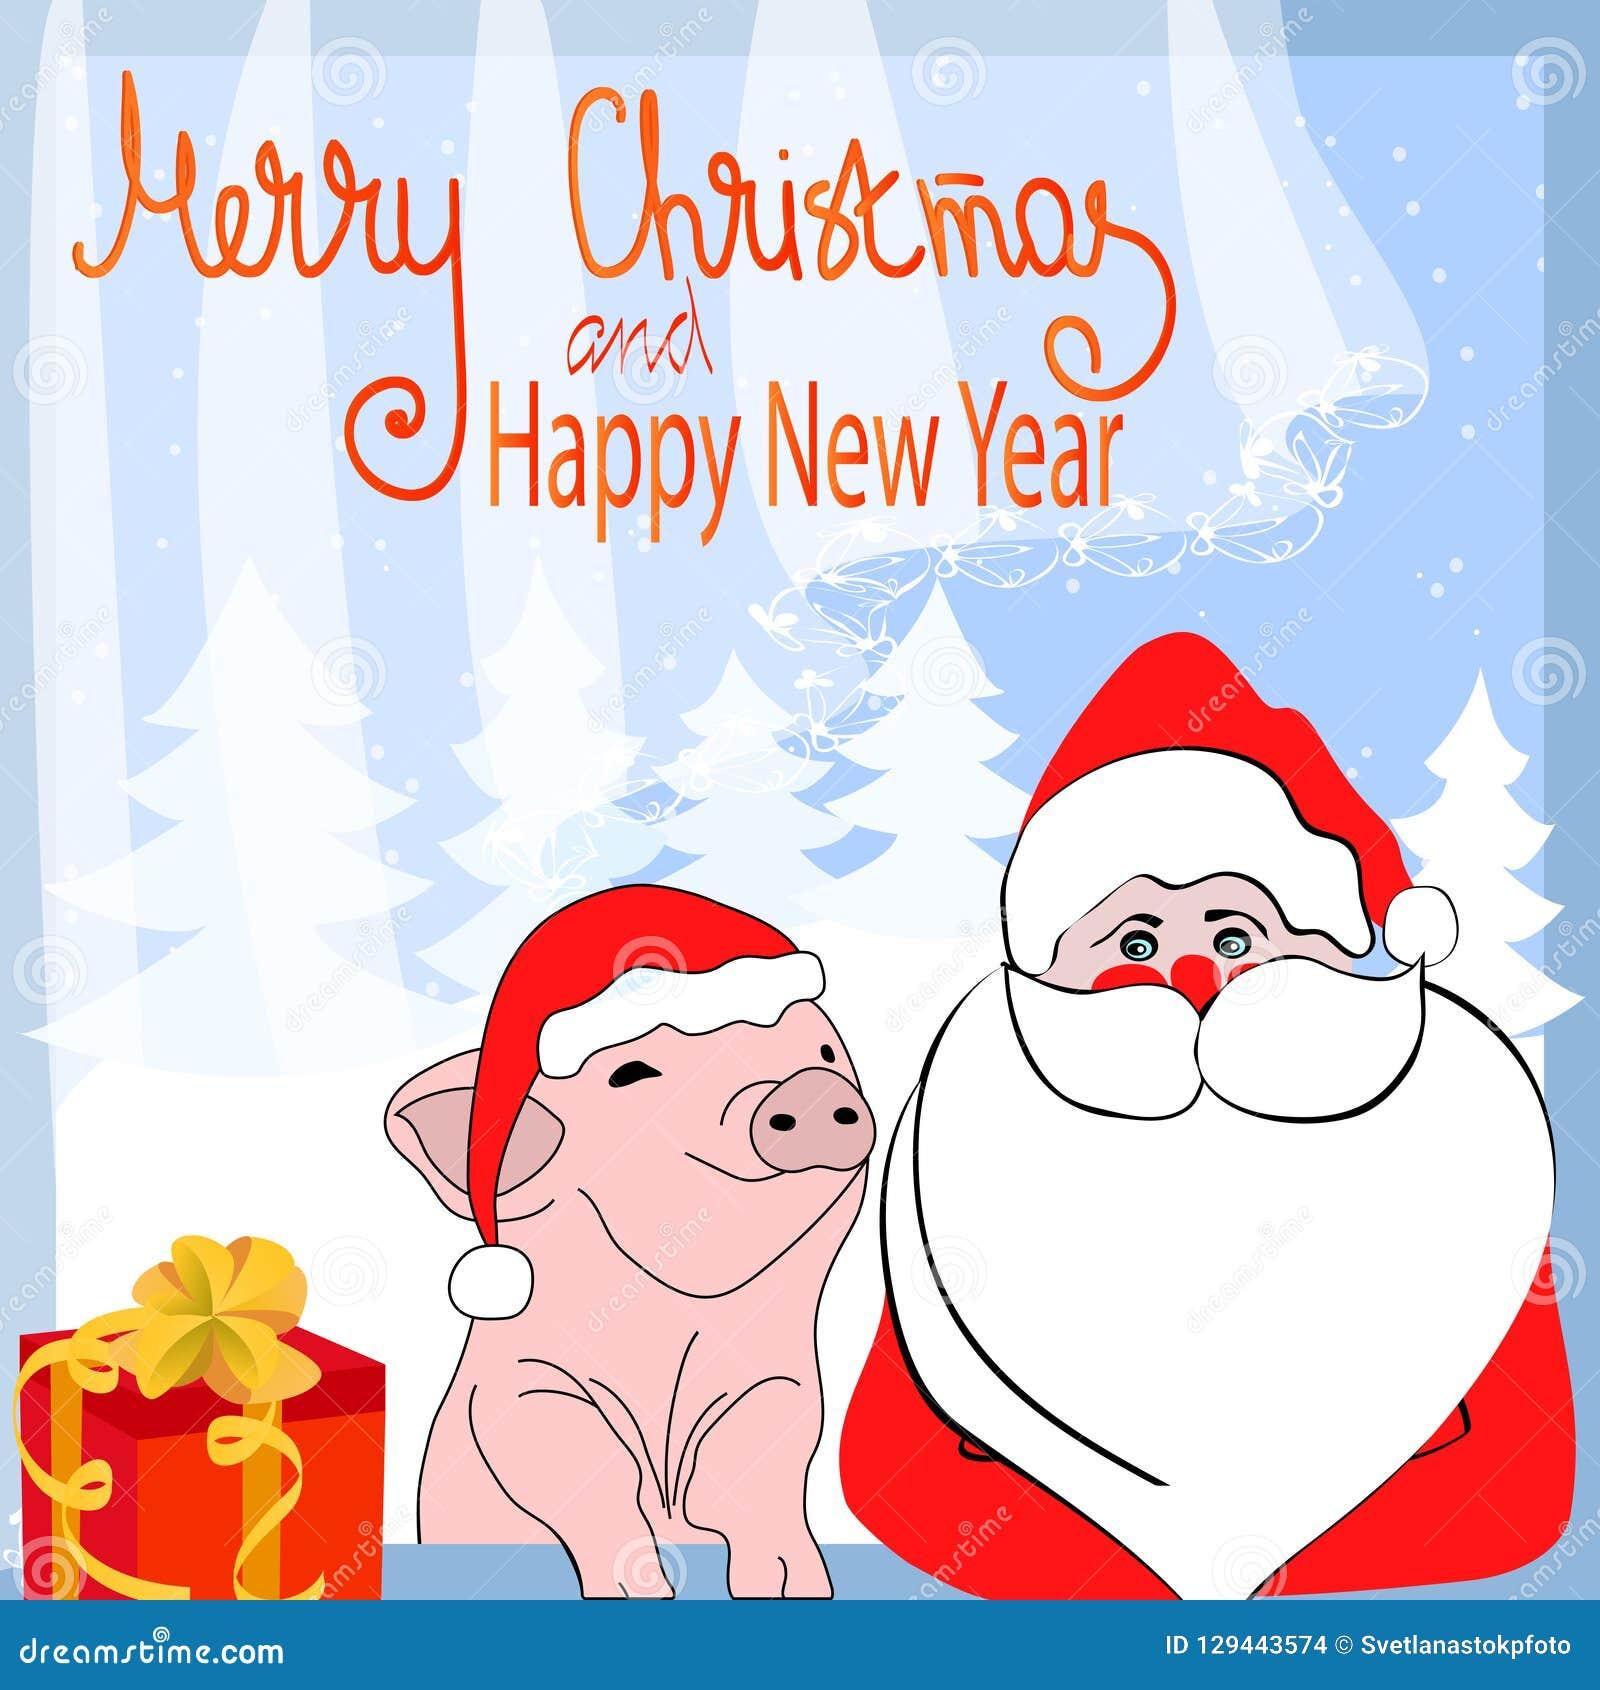 Immagini Divertenti Natale 2019.Buon Natale E Buon Anno Caratteri Divertenti Santa Claus Del